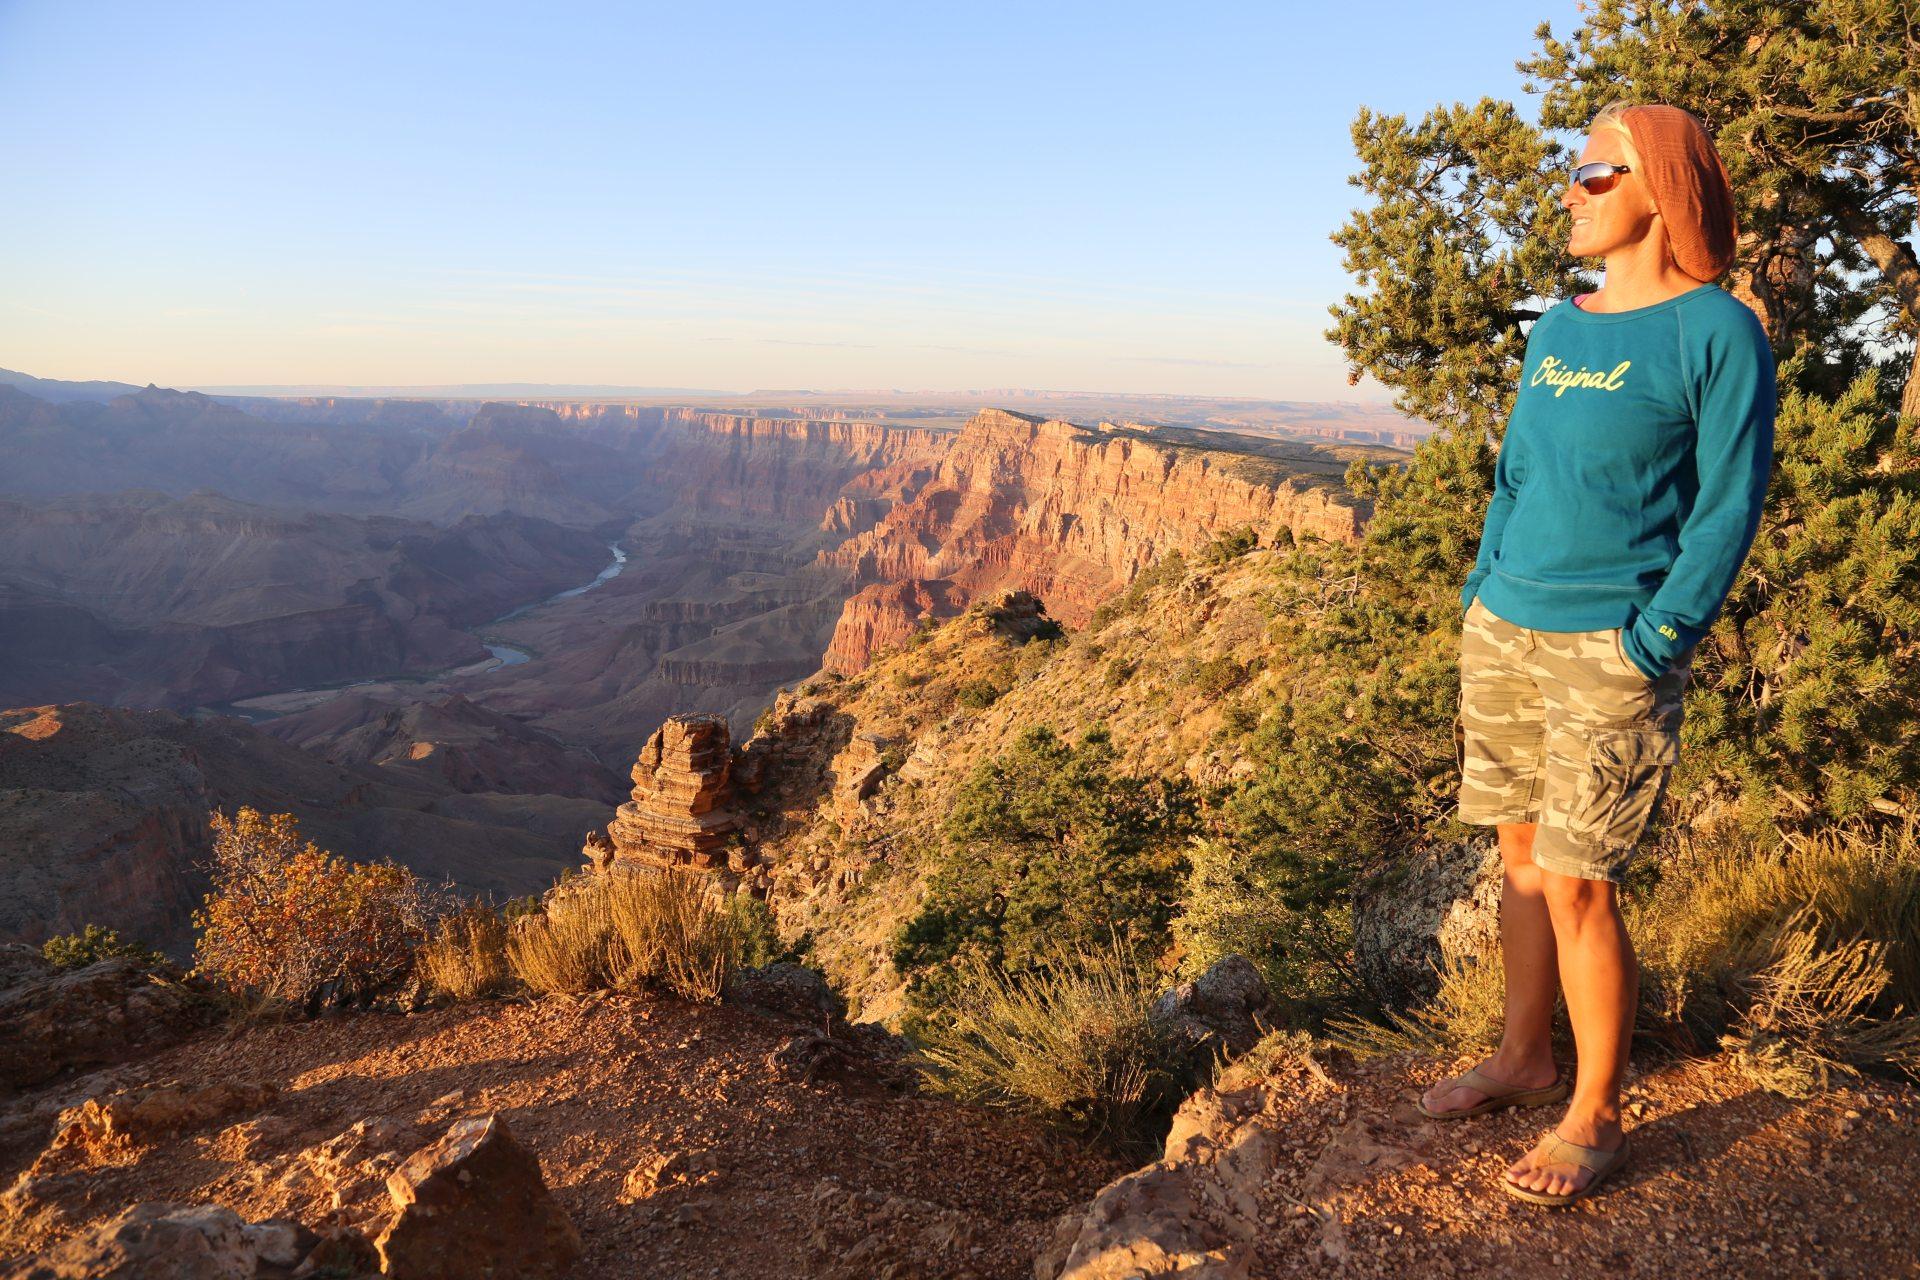 Am Grand Canyon fühl ich mich ganz klein - Abendrot, Abendstimmung, Abgrund, Arizona, Aussicht, Aussichtspunkt, Blondine, Canyon, Desert View Point, Desert View Watchtower, Färbung, Fernsicht, Grand Canyon National Park, Himmel, Landschaft, Licht, Natur, Panorama, Personen, Portrait, Porträt, Schlucht, Sonnenuntergang, Sonnenuntergangsstimmung, Wolken - HOFBAUER-HOFMANN Sofia - (Vista Encantada, Grand Canyon, Arizona, Vereinigte Staaten)